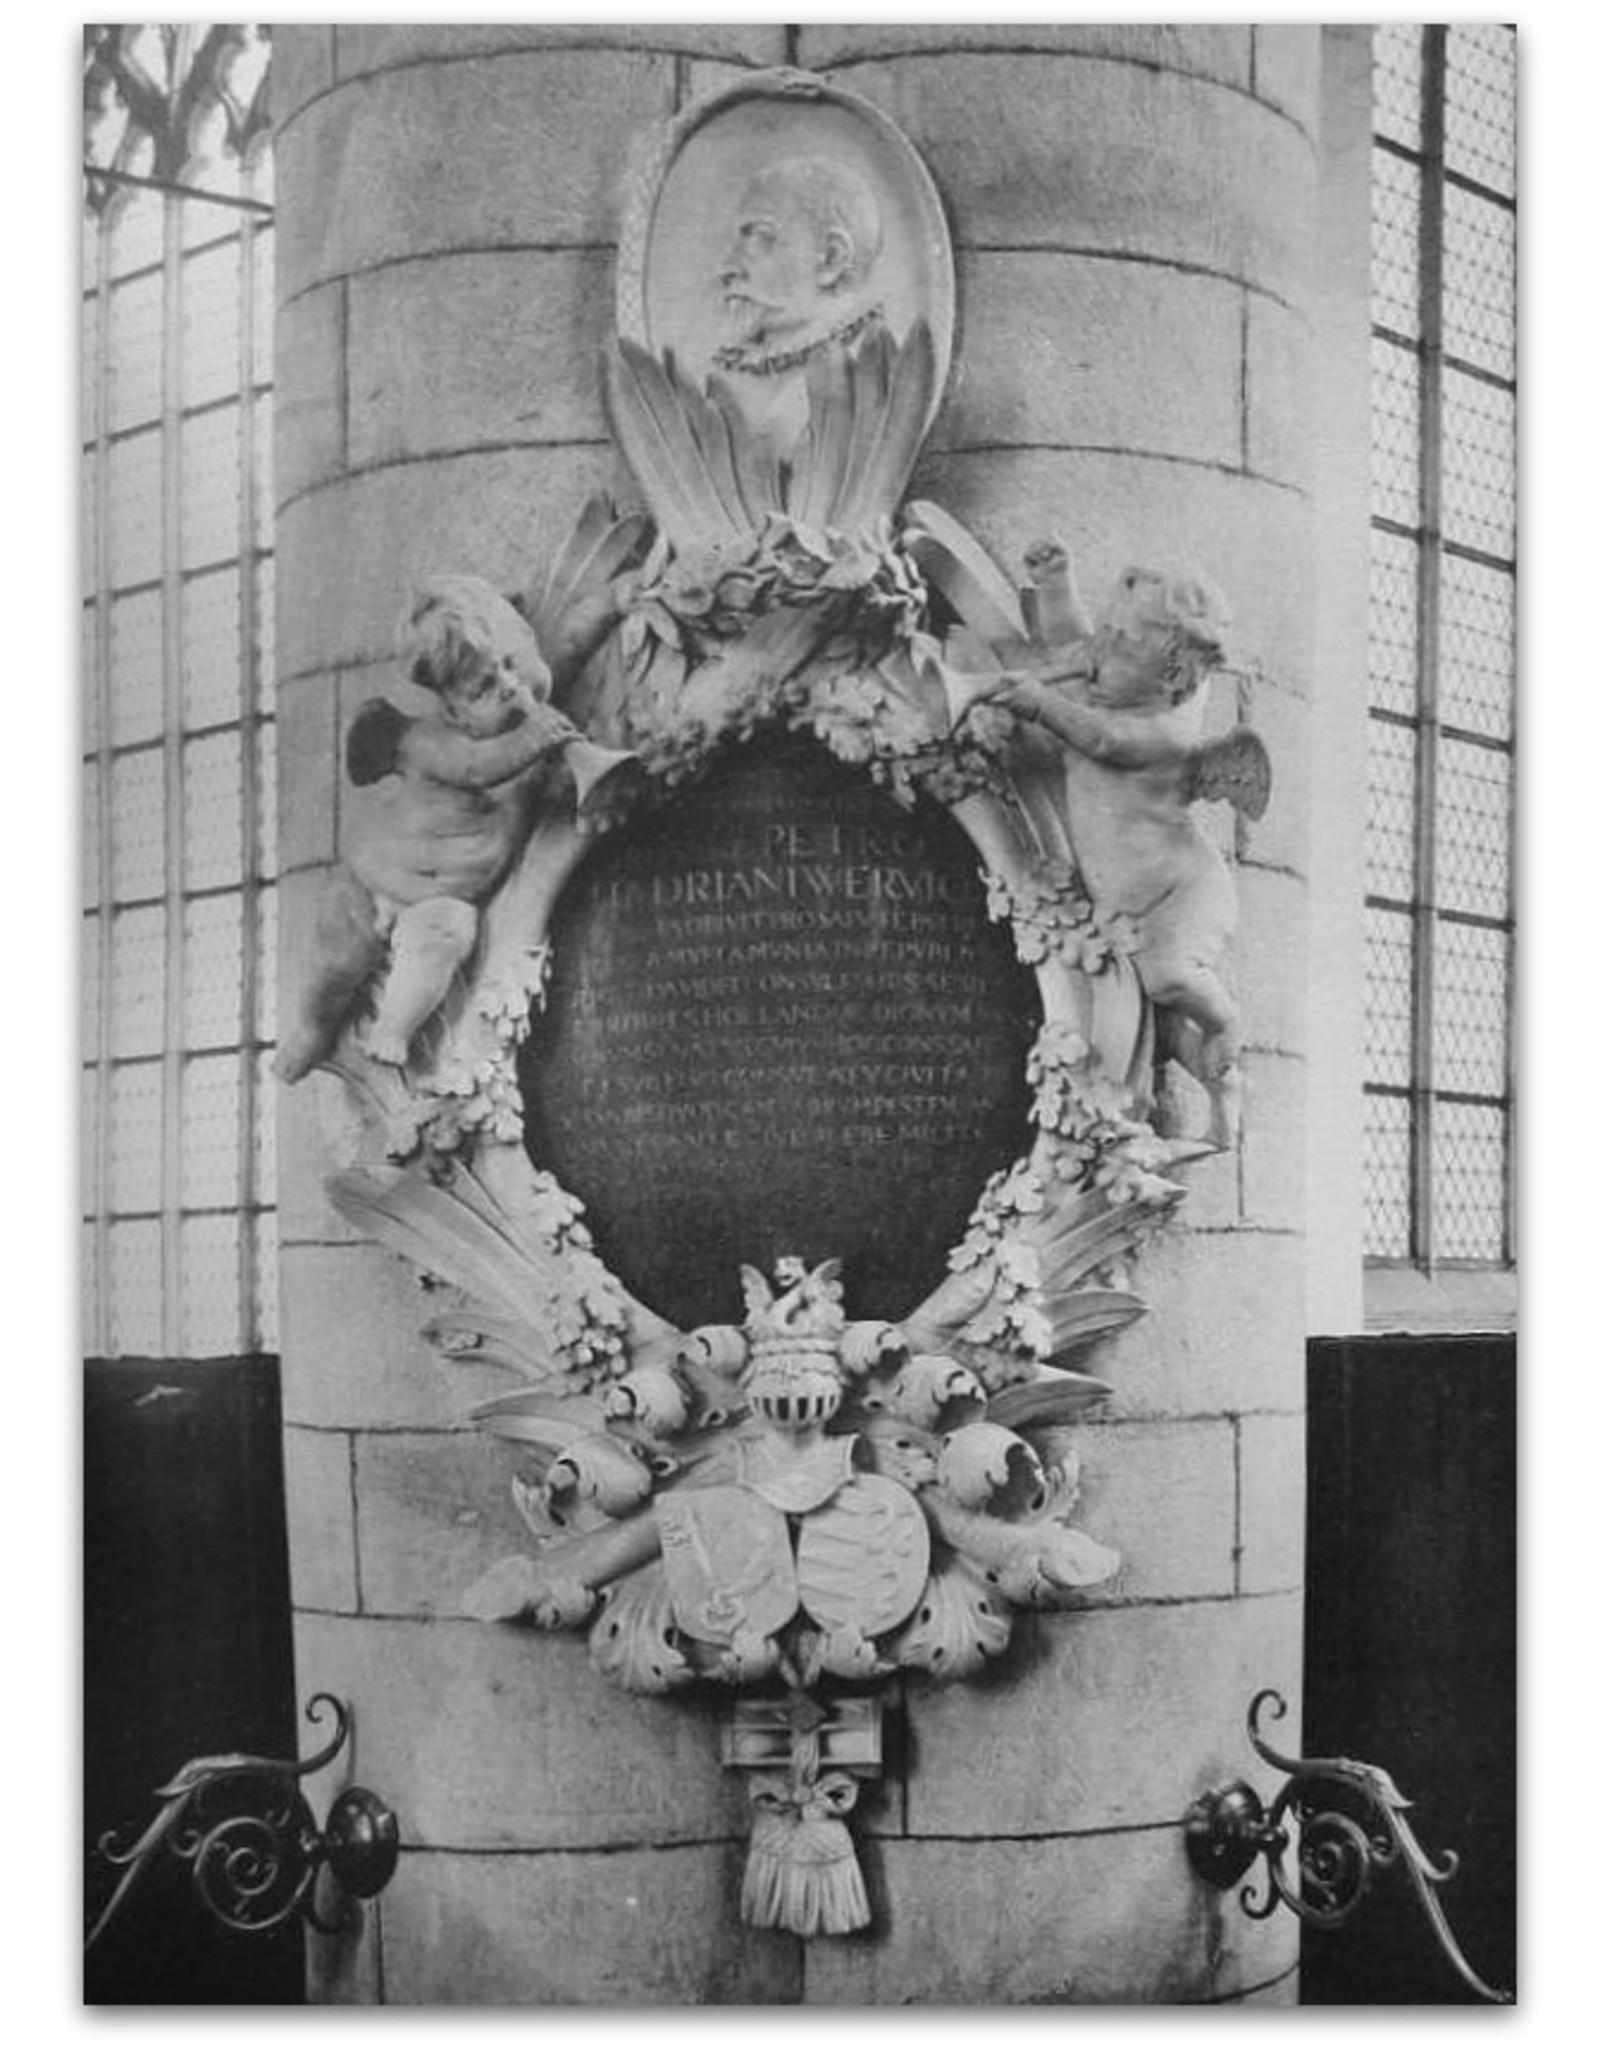 M. van Notten - Rombout Verhulst: Beeldhouwer 1624-1698. Een overzicht zijner werken.